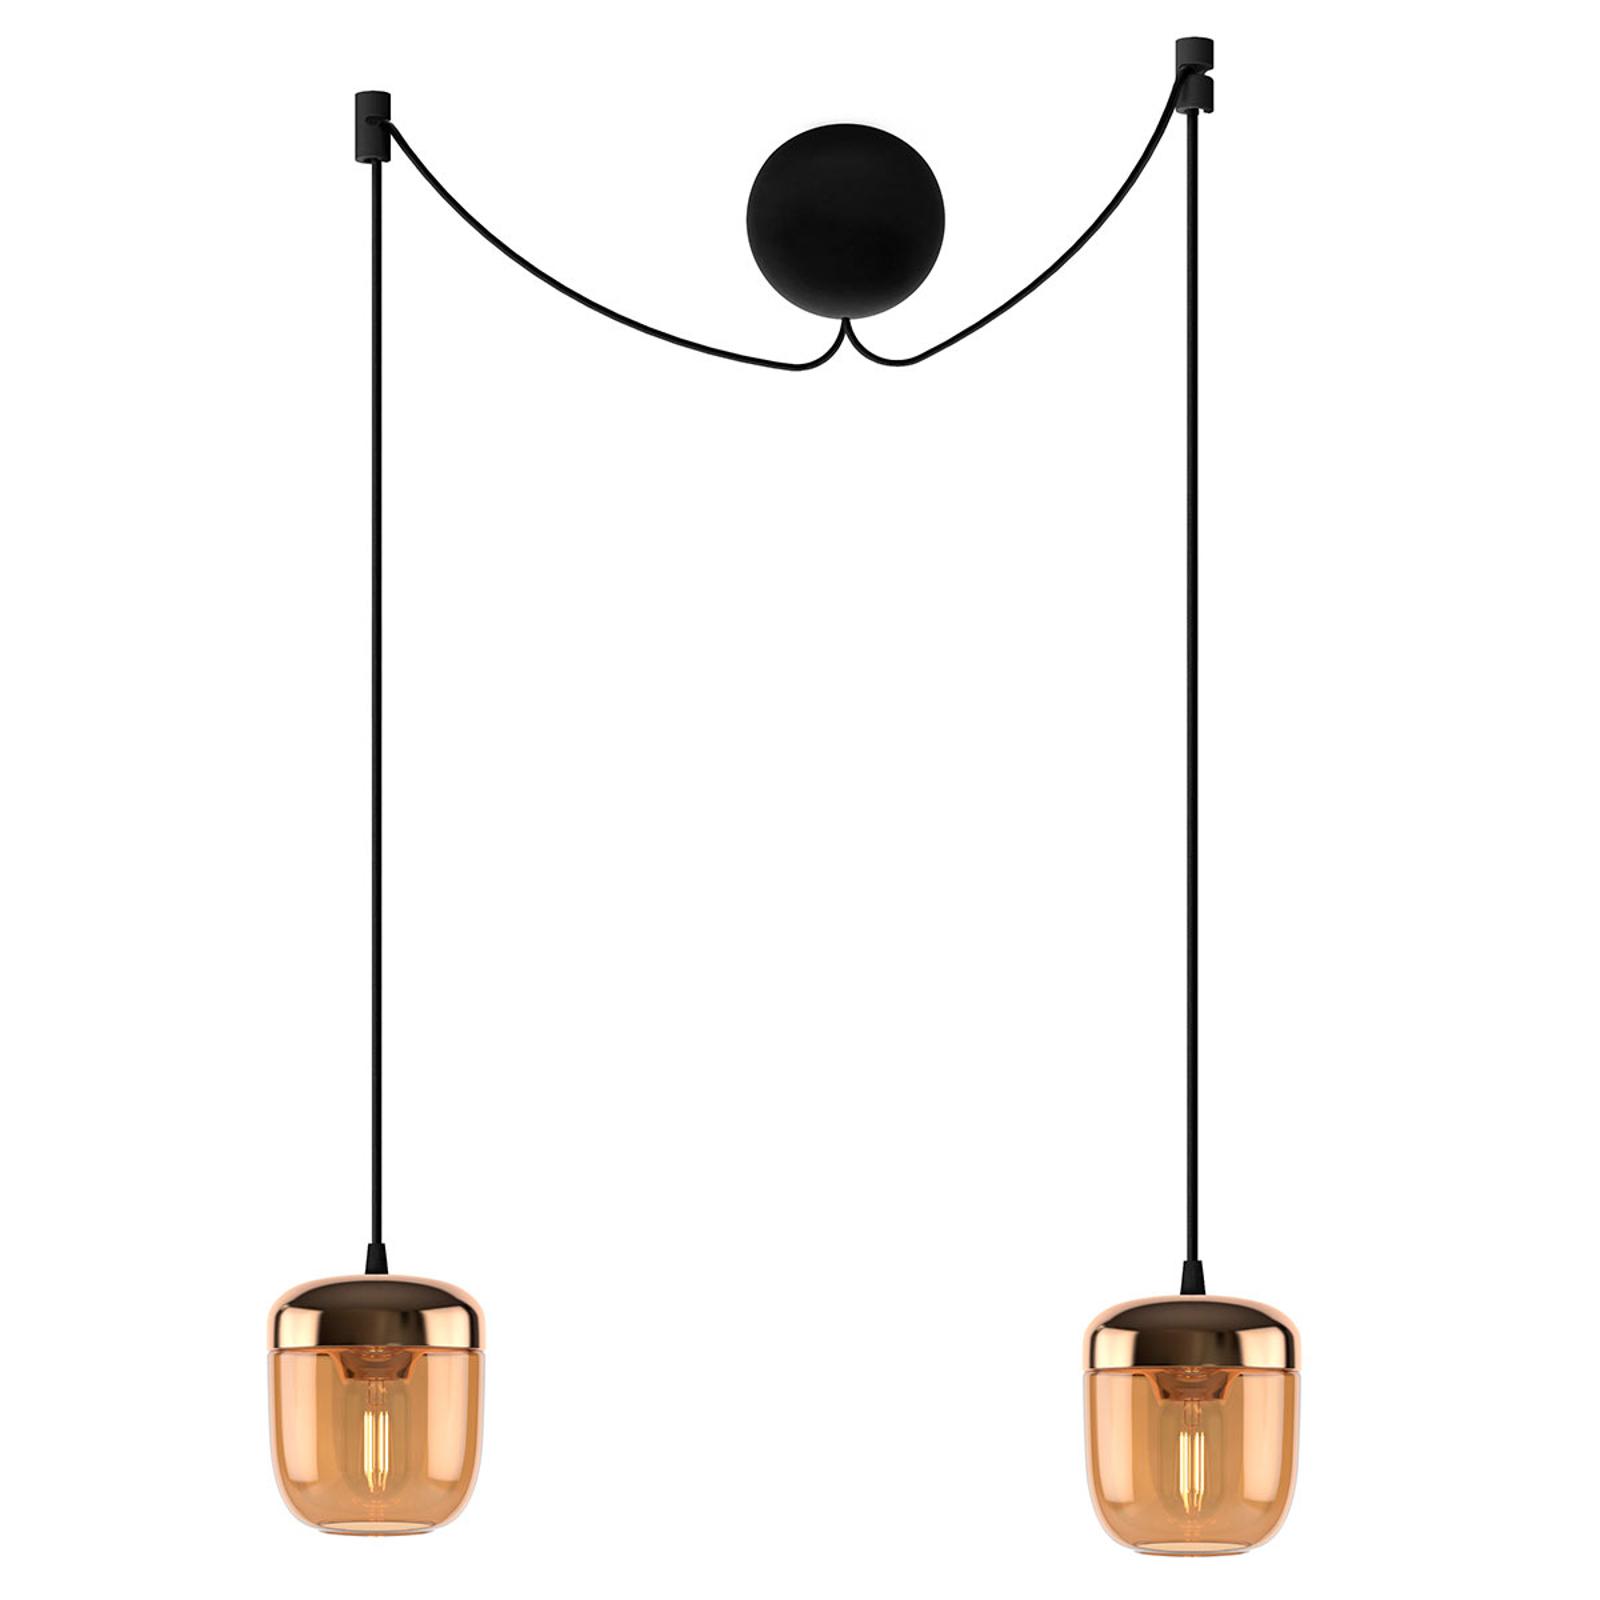 UMAGE Acorn hængelampe 2 lyskilde rav messing